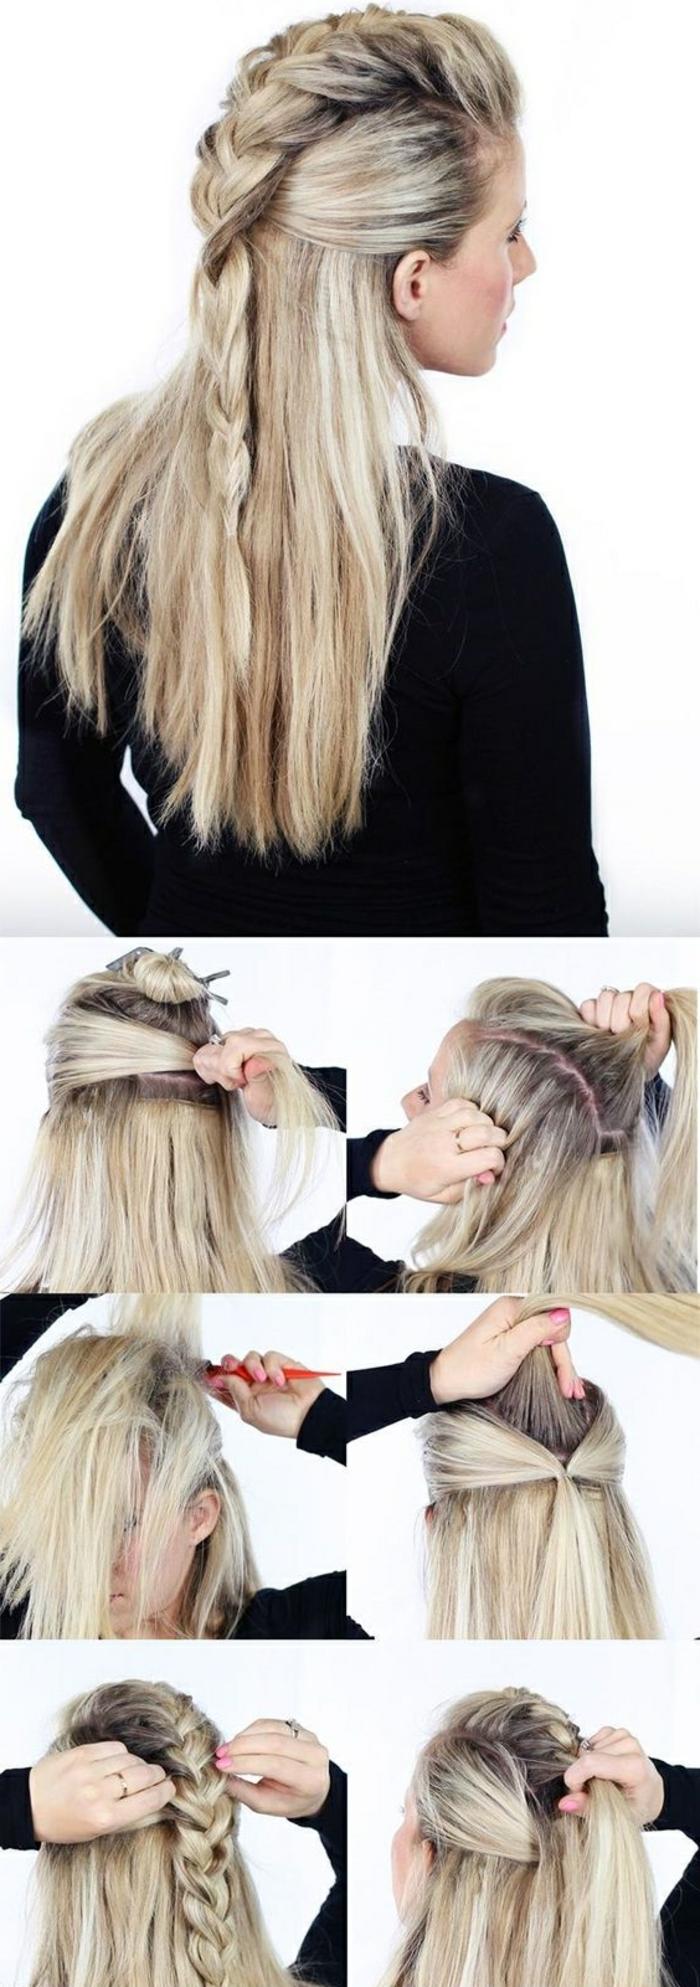 vikings lagertha, cheveux blonds, manucure rose, tutoriel comment faire une coiffure viking, tresse en haut